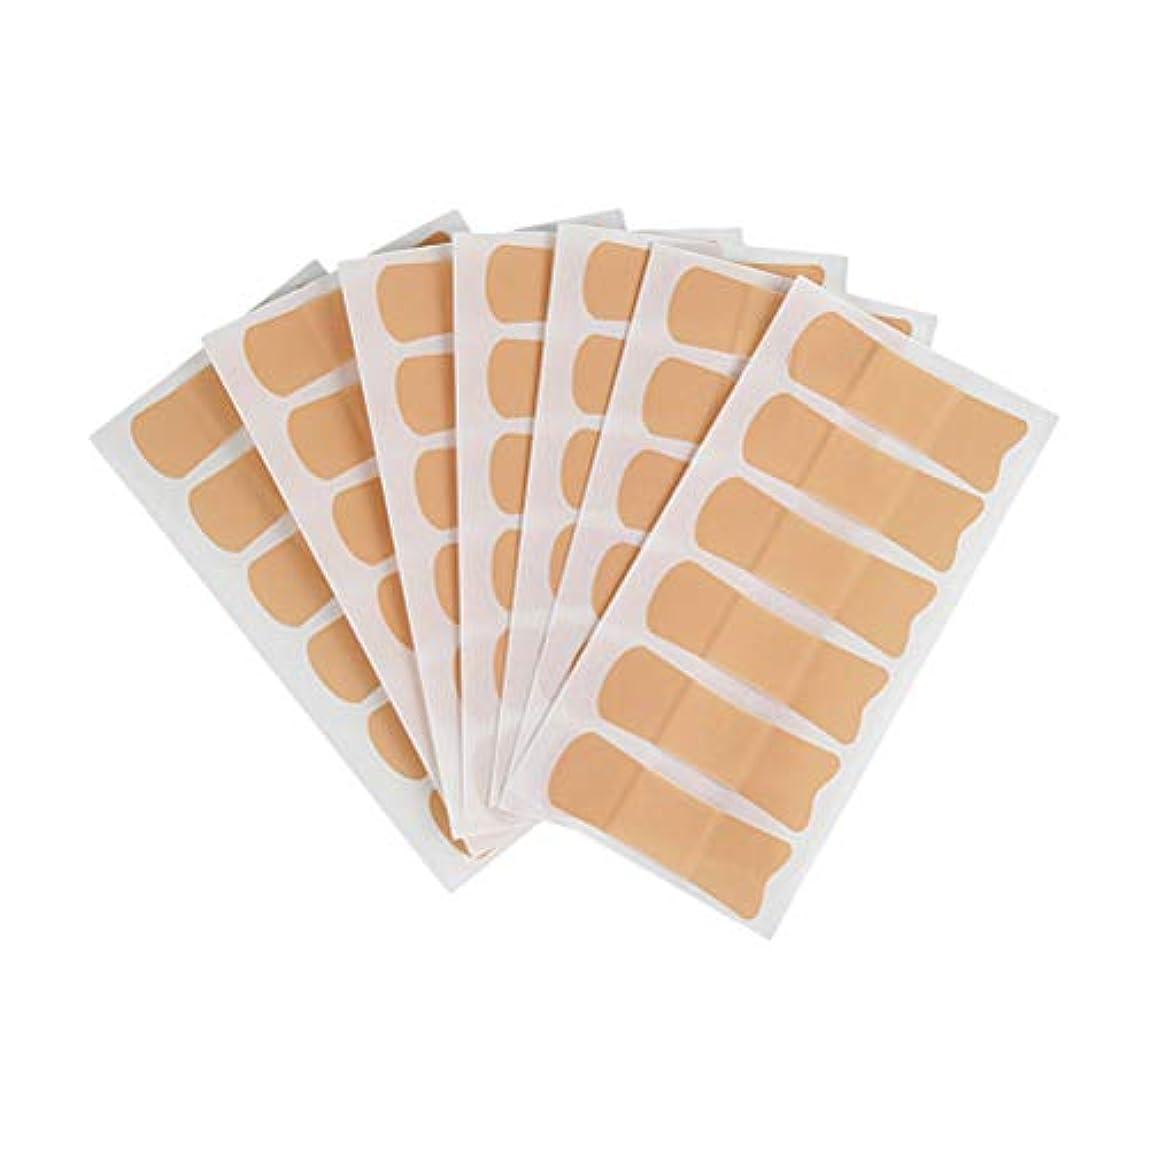 療法ギャザーリゾートHealifty 睡眠鼻呼吸のための36個の抗いびきステッカー睡眠ストリップ口テープ